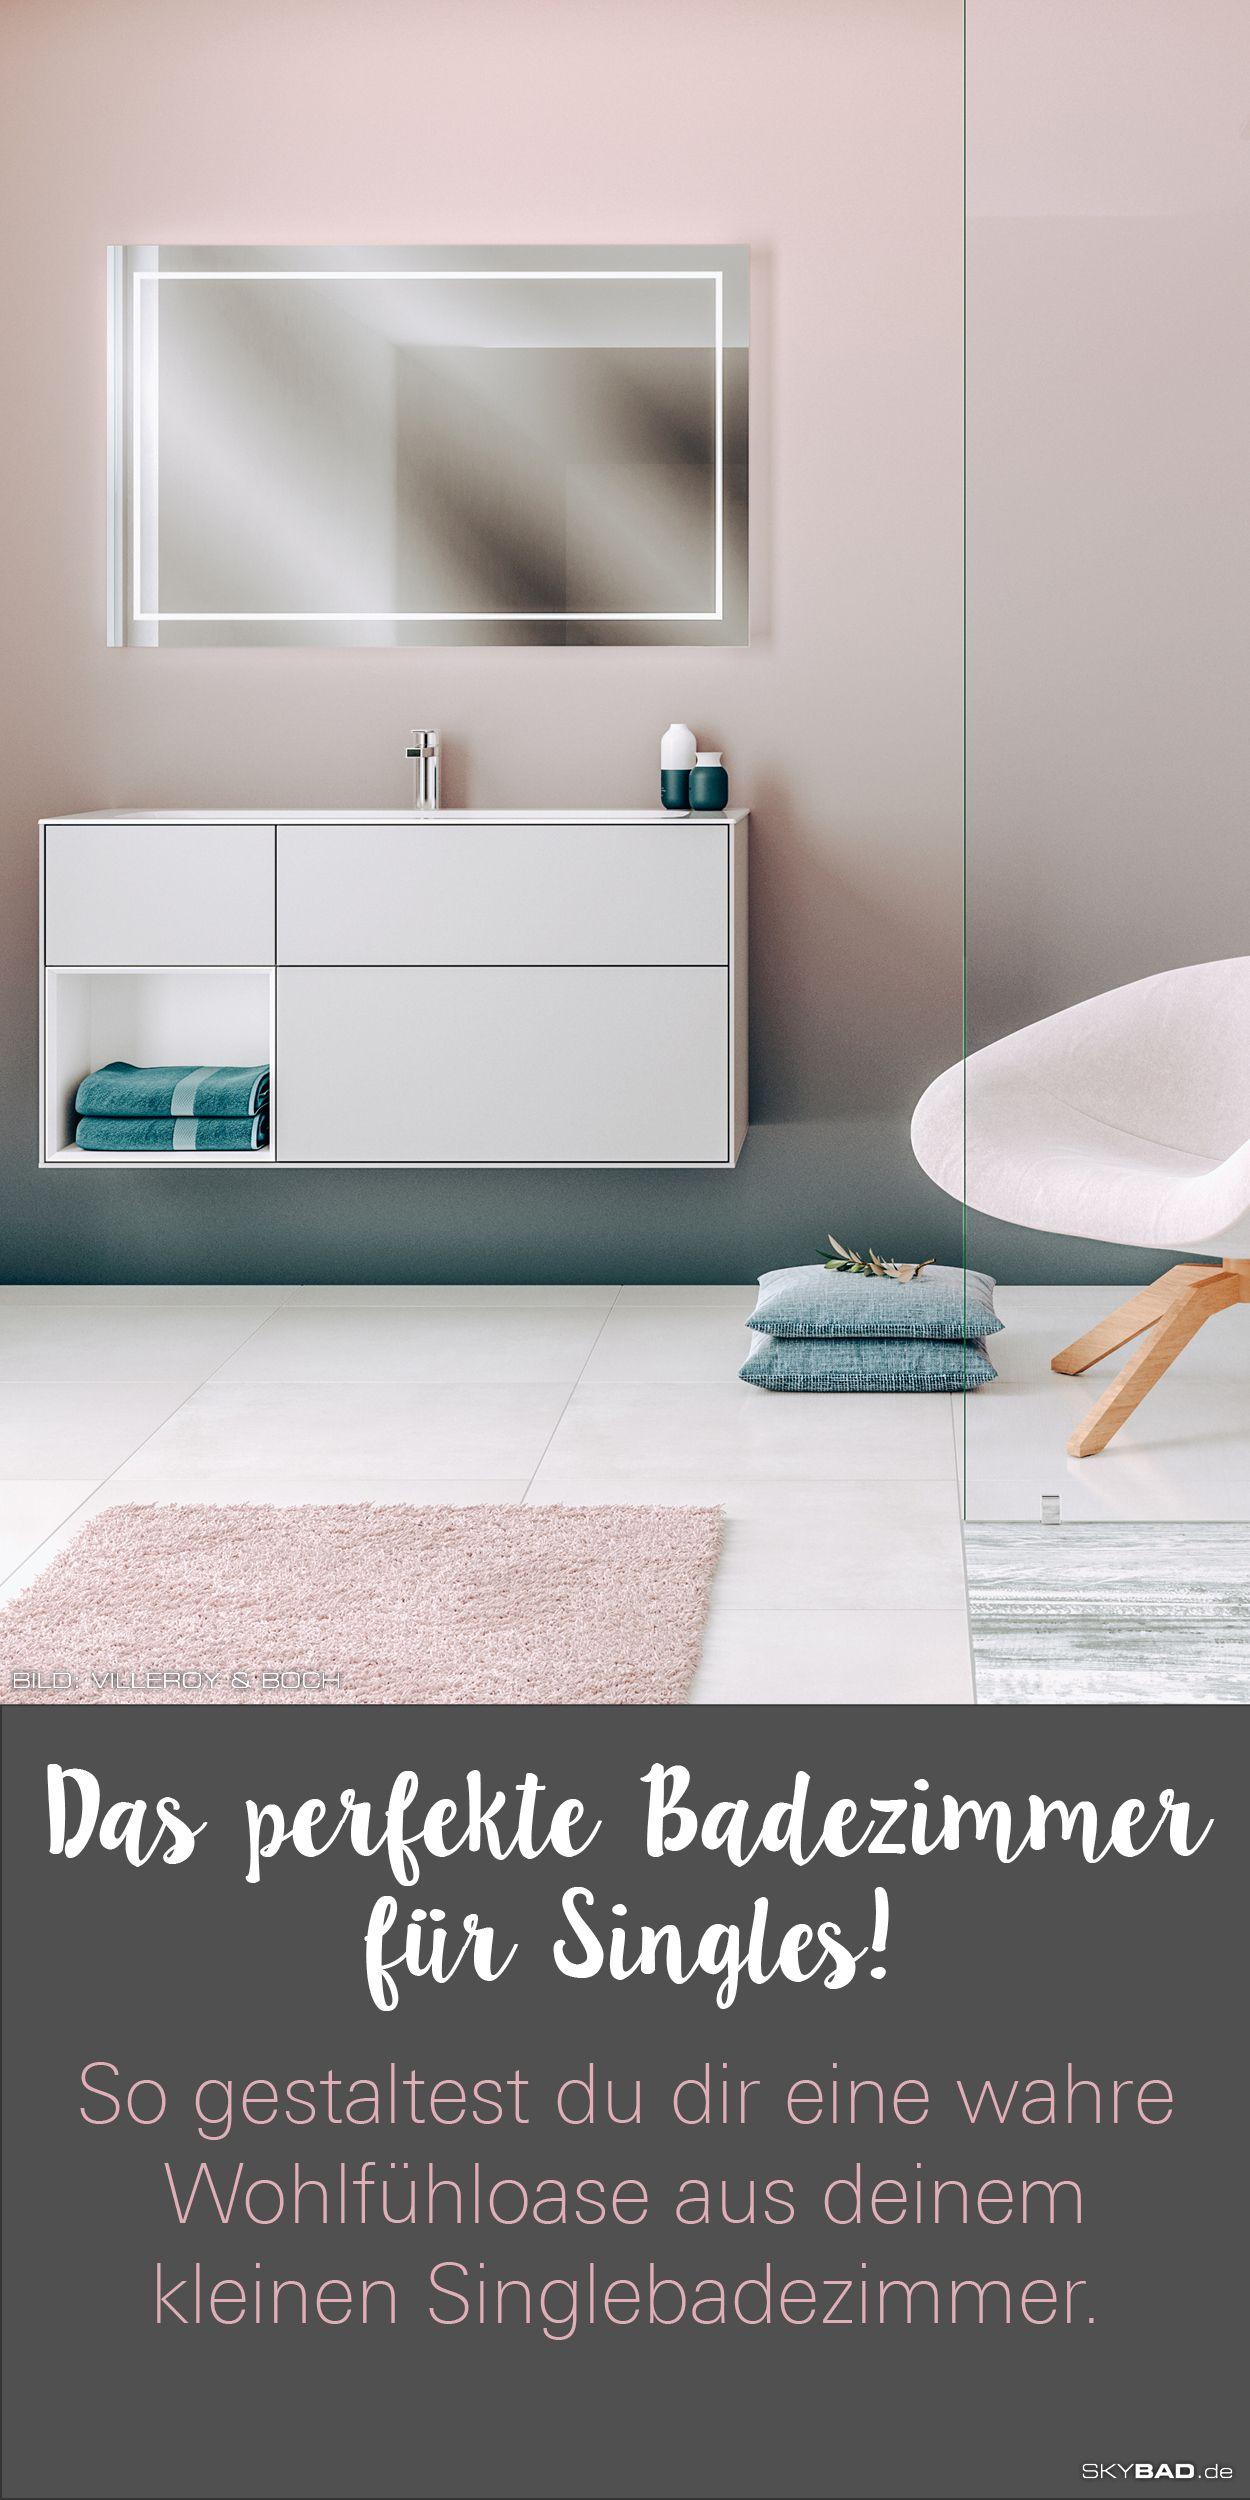 Das Perfekte Badezimmer Fur Singles How To Wohlfuhloase Aus Deinem Kleinen Singlebadezimmer In 2020 Kleines Bad Einrichten Bad Einrichten Alleine Wohnen